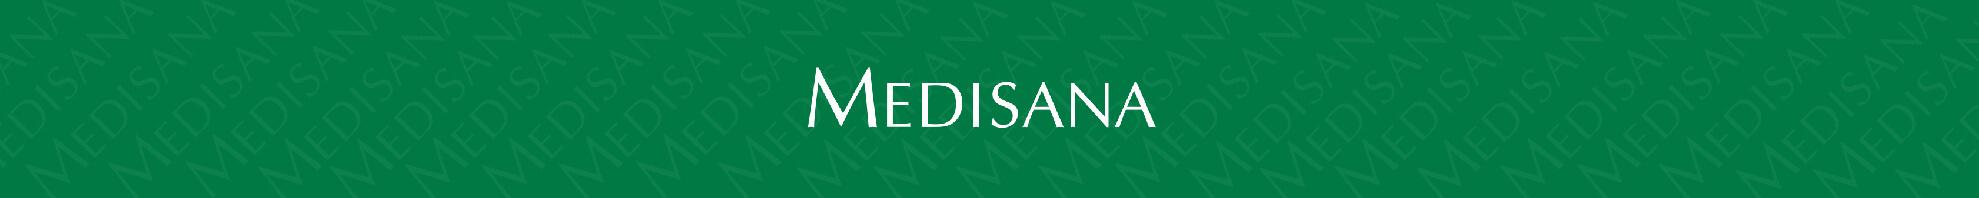 Medisana